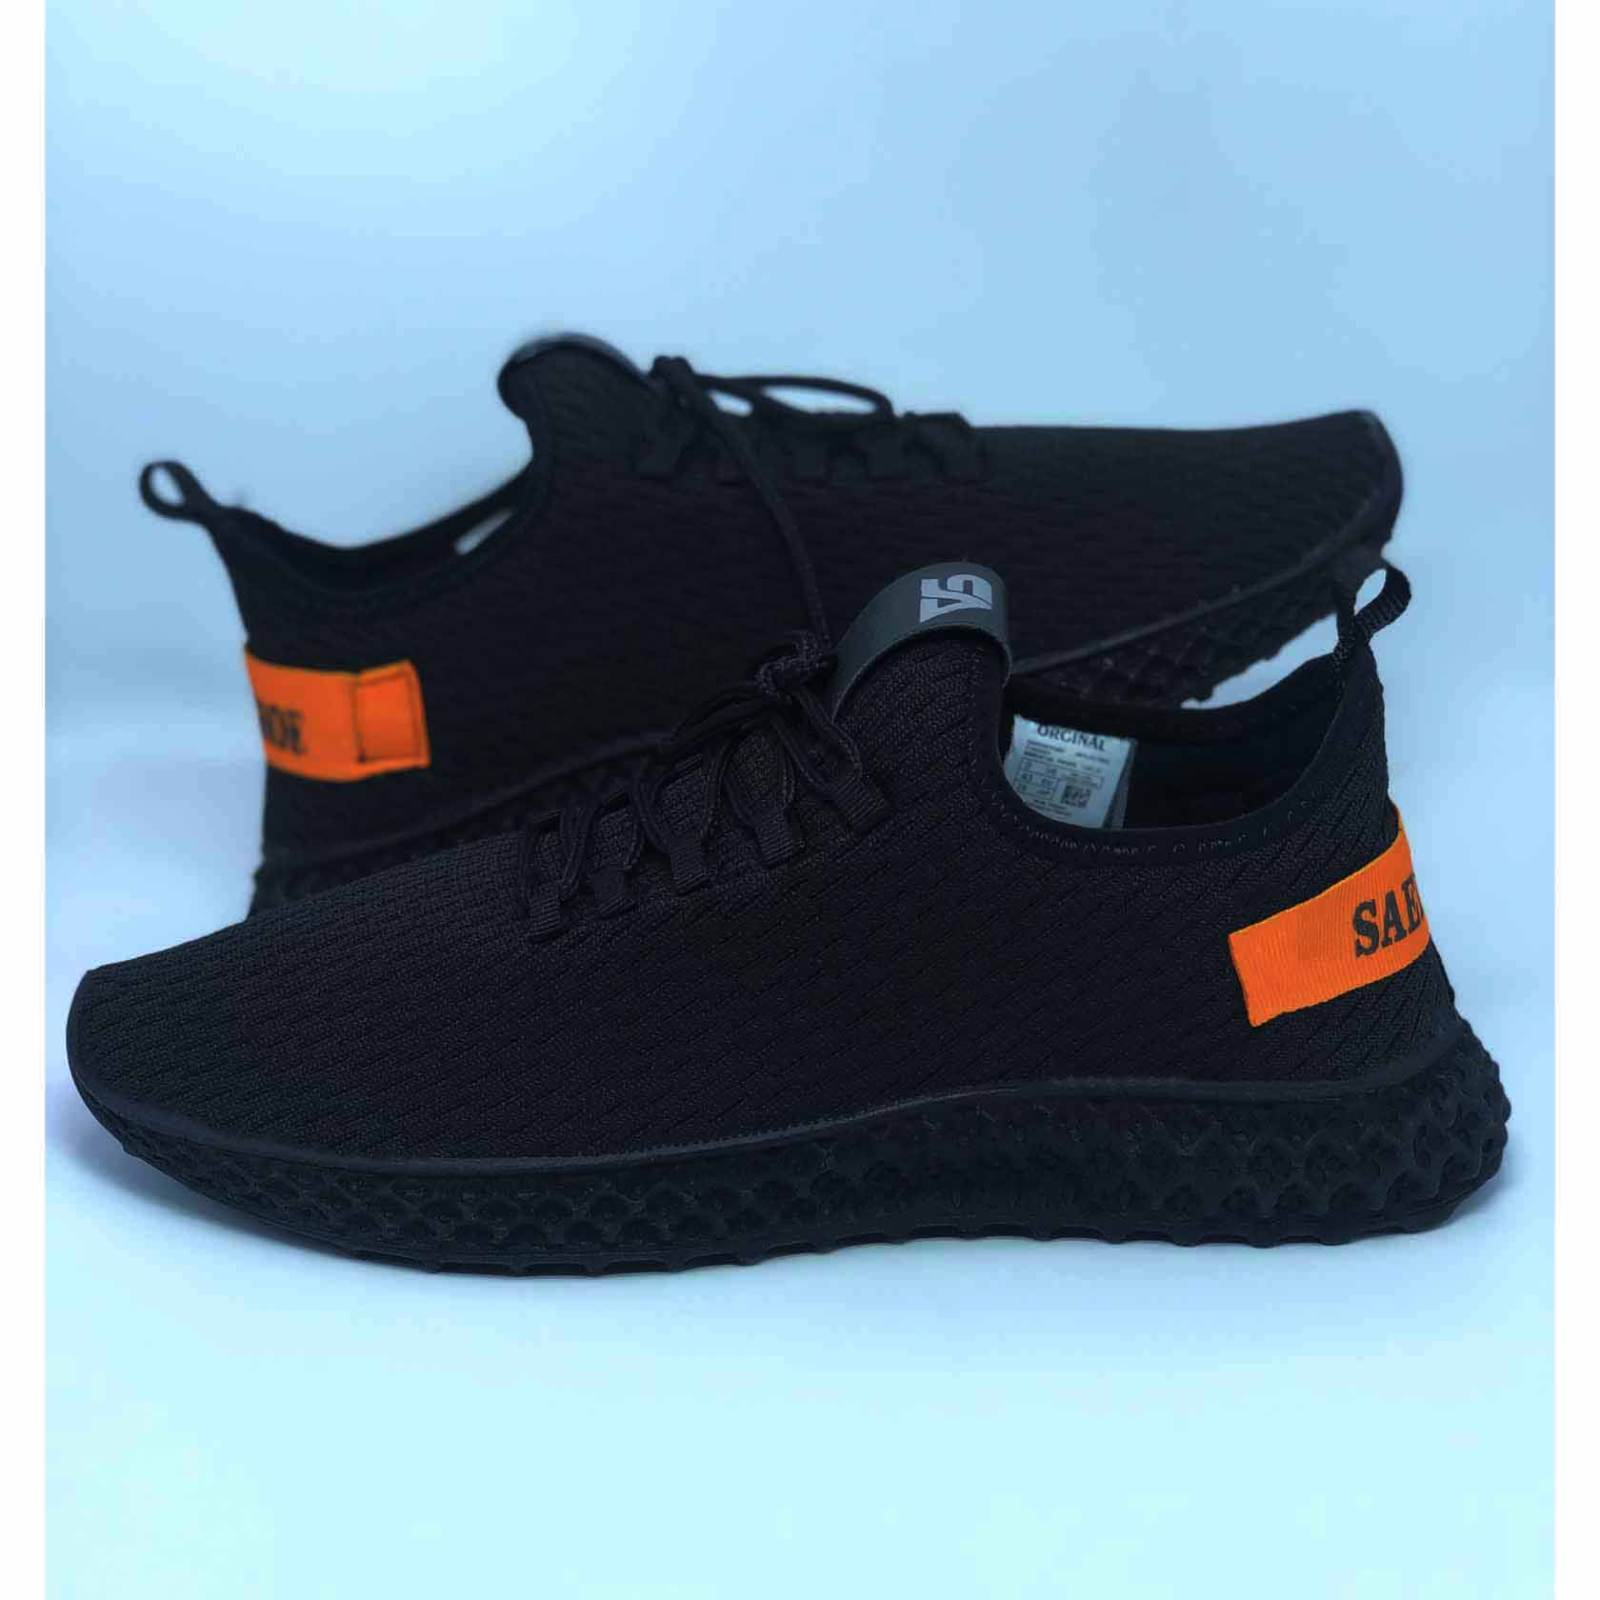 کفش مخصوص پیاده روی سعیدی کد Sa 304 -  - 5